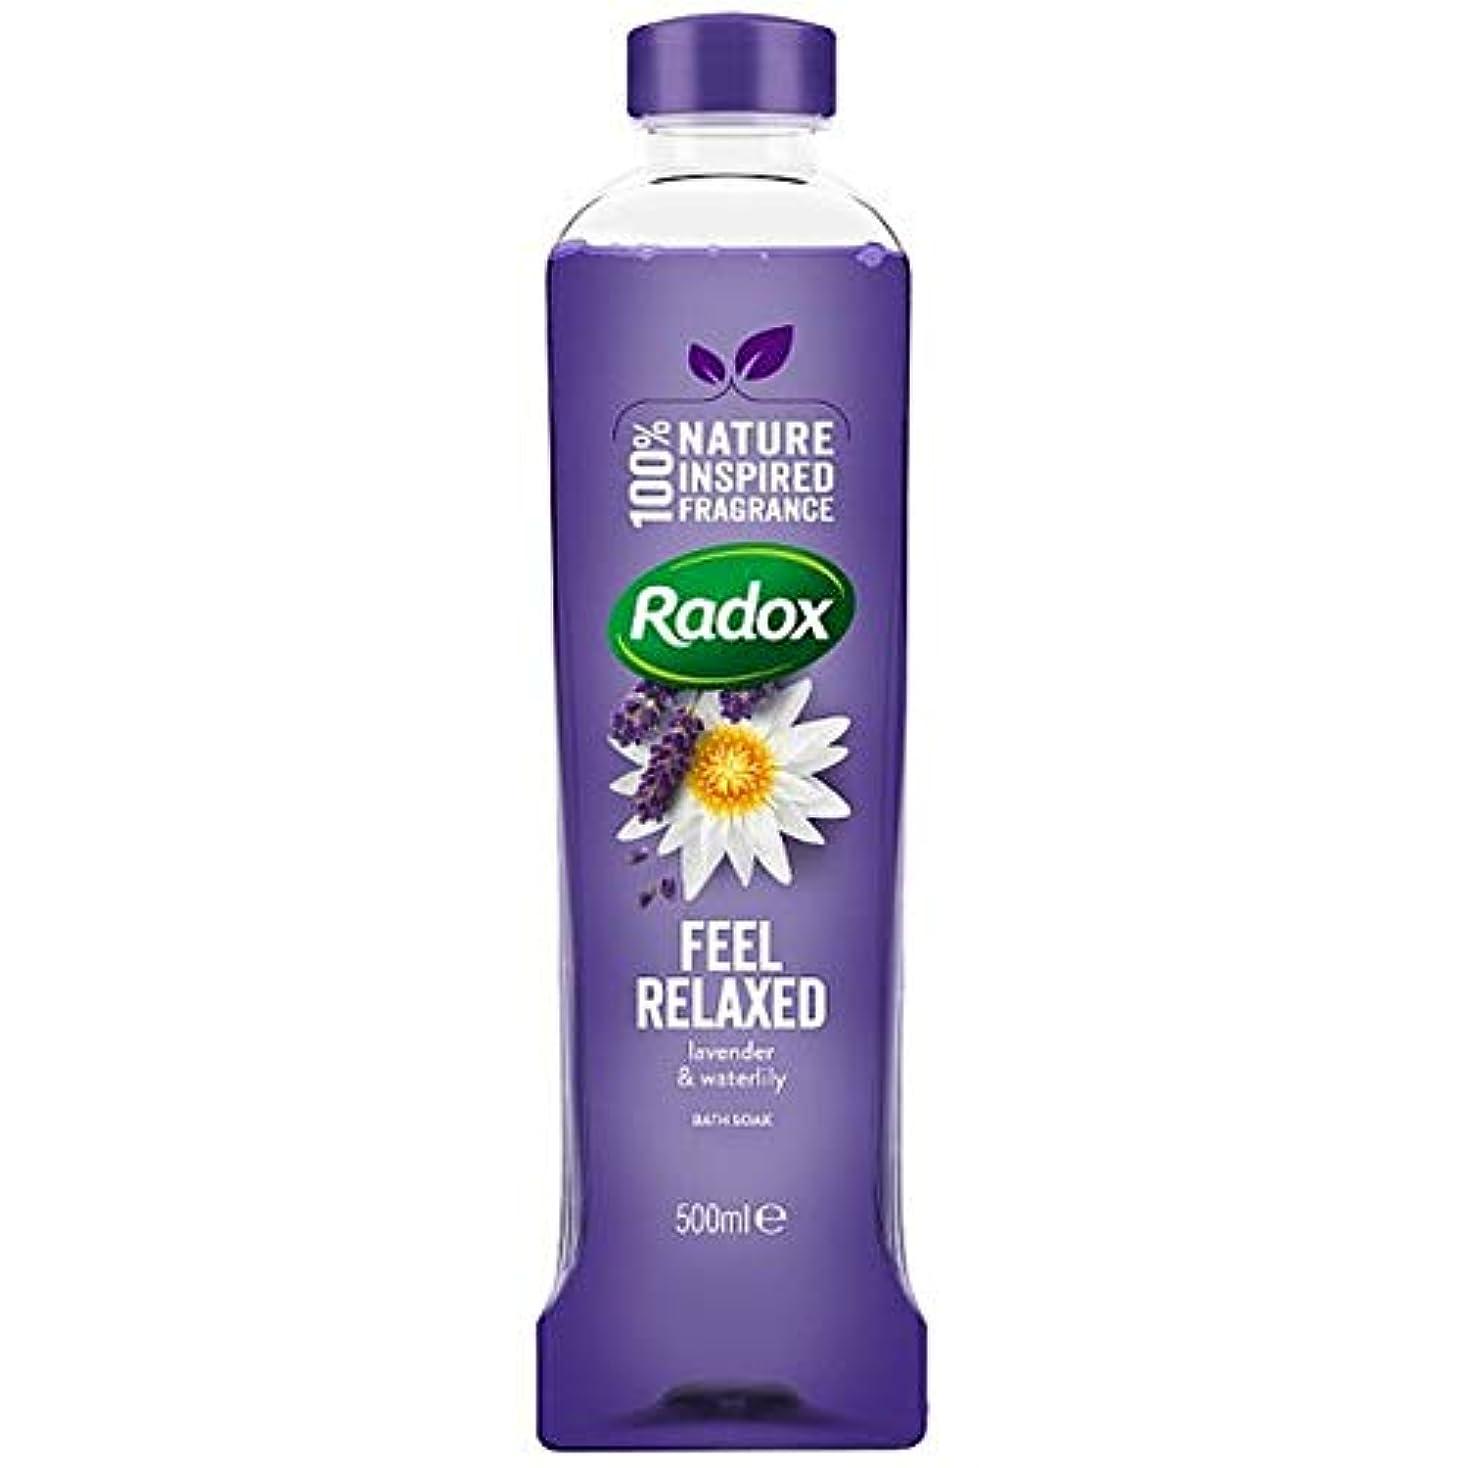 ハッチ影礼拝[Radox] Radoxは、500ミリリットルのソークリラックスしたお風呂を感じます - Radox Feel Relaxed Bath Soak 500Ml [並行輸入品]